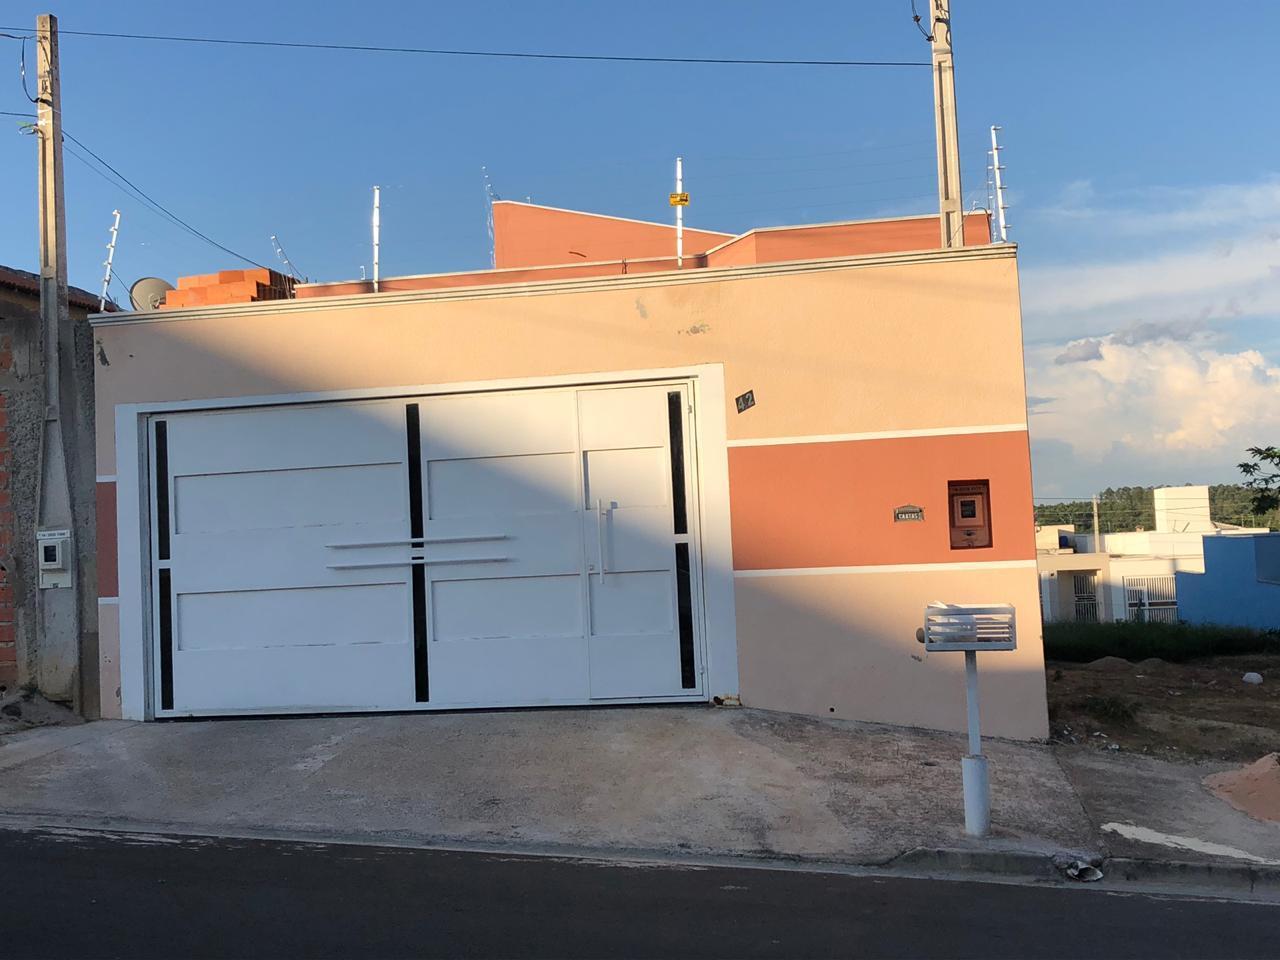 Casa com 3 dormitórios à venda, 146 m² por R$ 435.000 - Jardim dos Colibris - Indaiatuba/SP